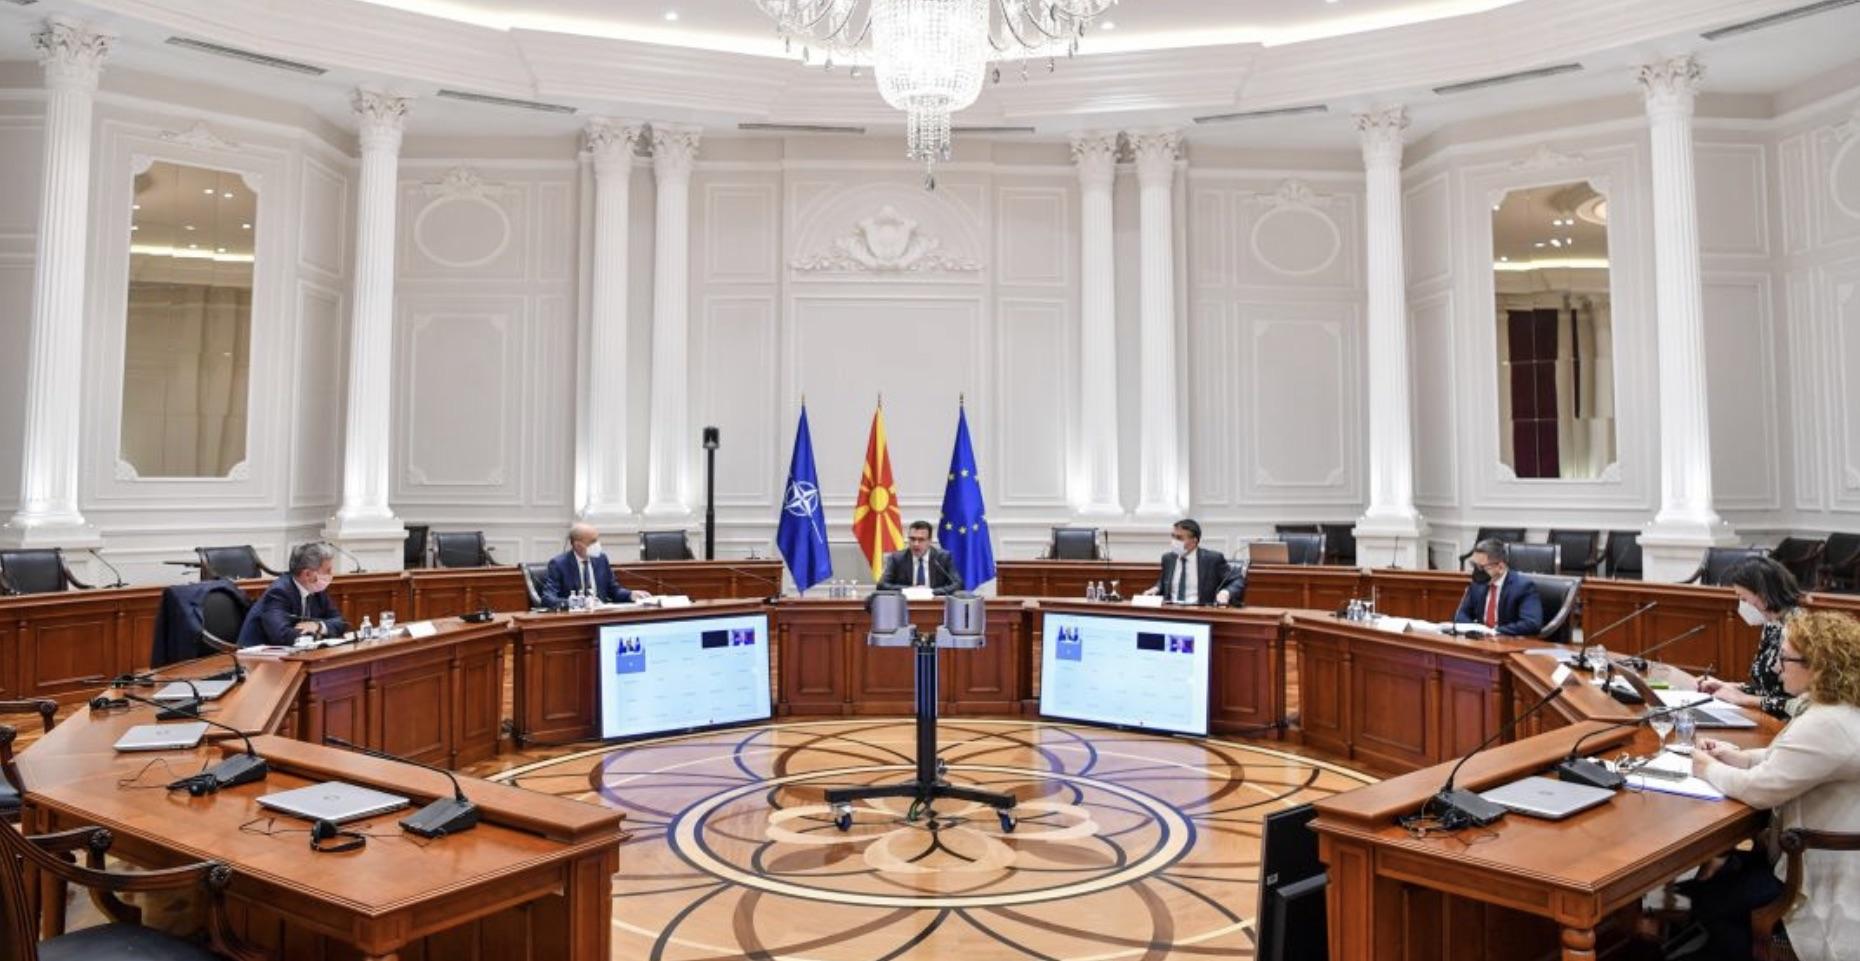 Βόρεια Μακεδονία: Συνεδρίασε η Εθνική Επιτροπή Επενδύσεων, υπό τον Zaev